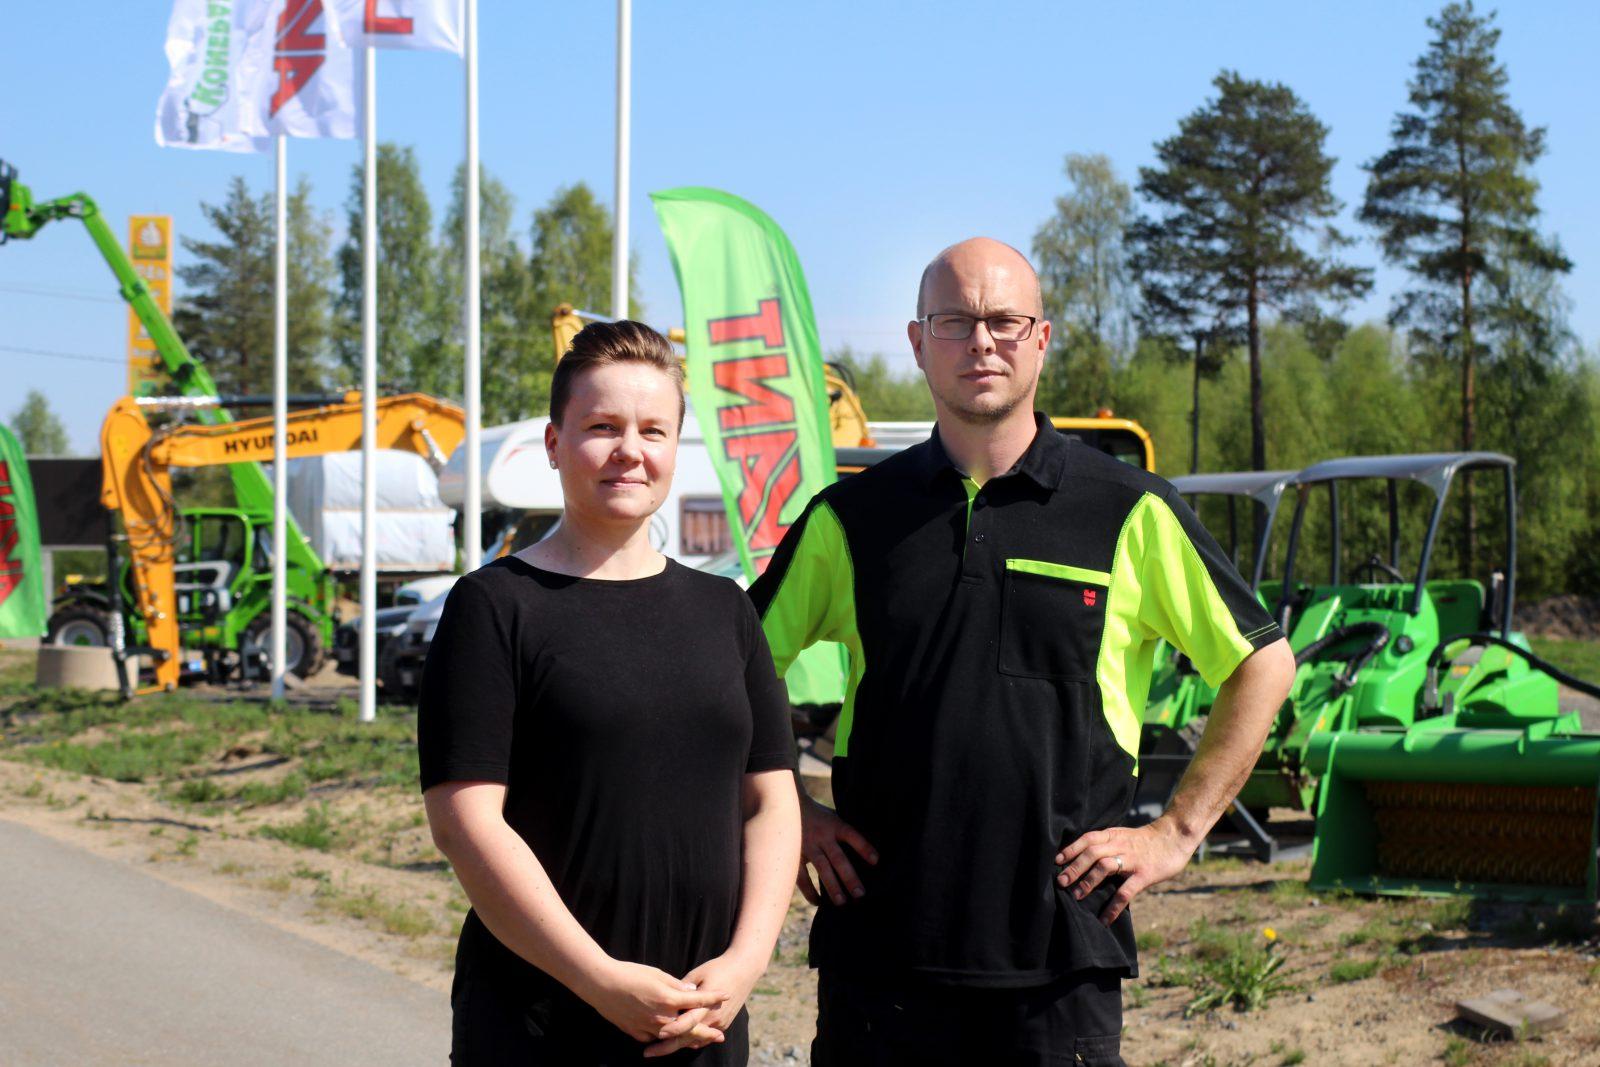 Jukotechin yrittäjät Tiina ja Kari Autio Juvan Vehmaa.